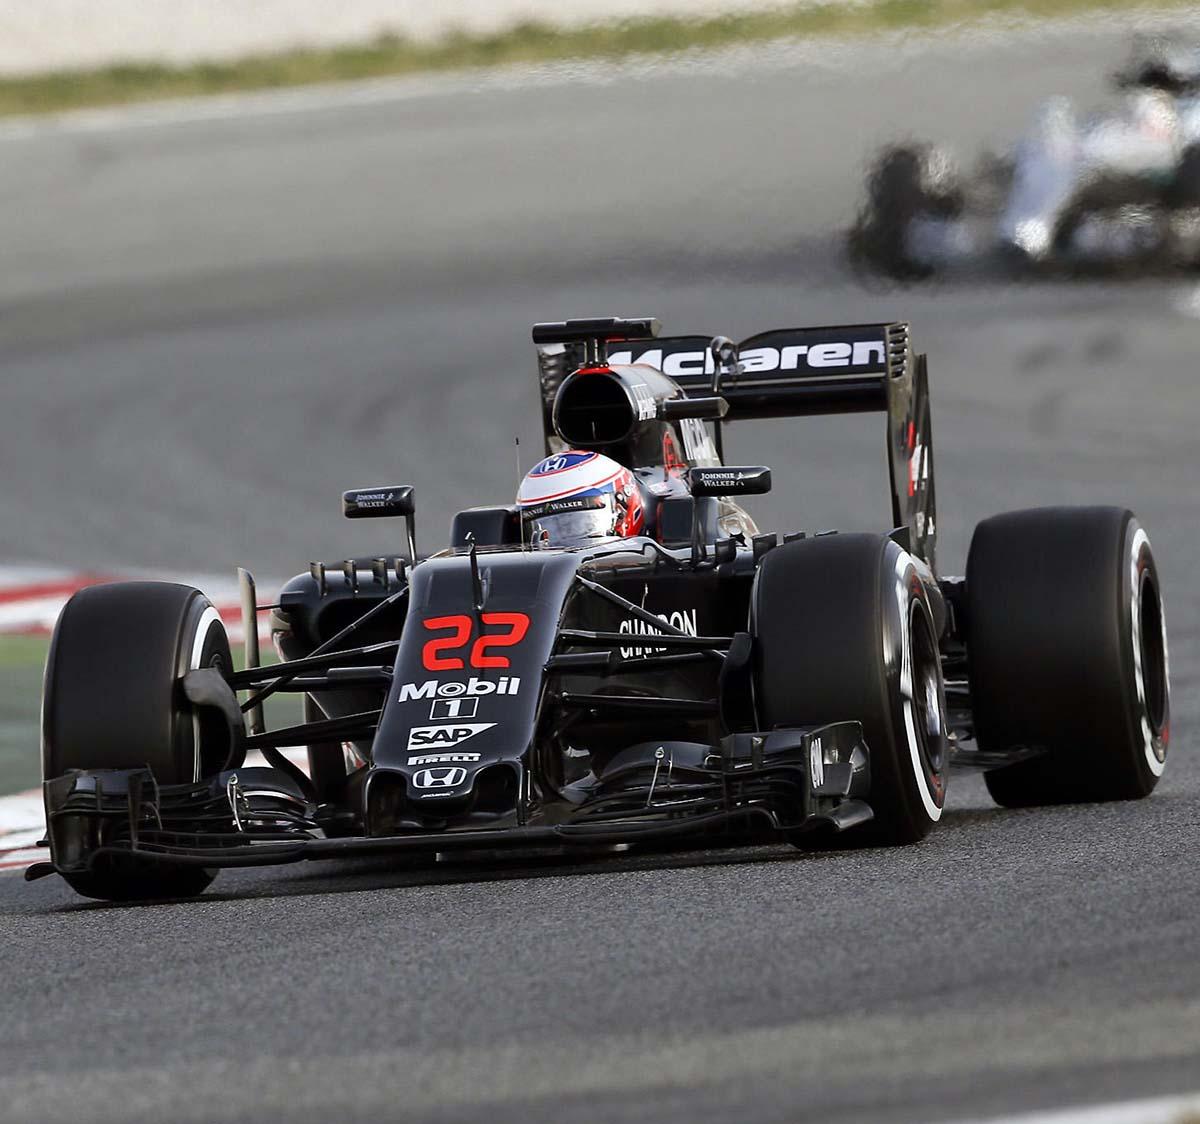 Race Used F1 Components: 2016 Jenson Button Race Used McLaren Arai GP-6RC F1 Helmet